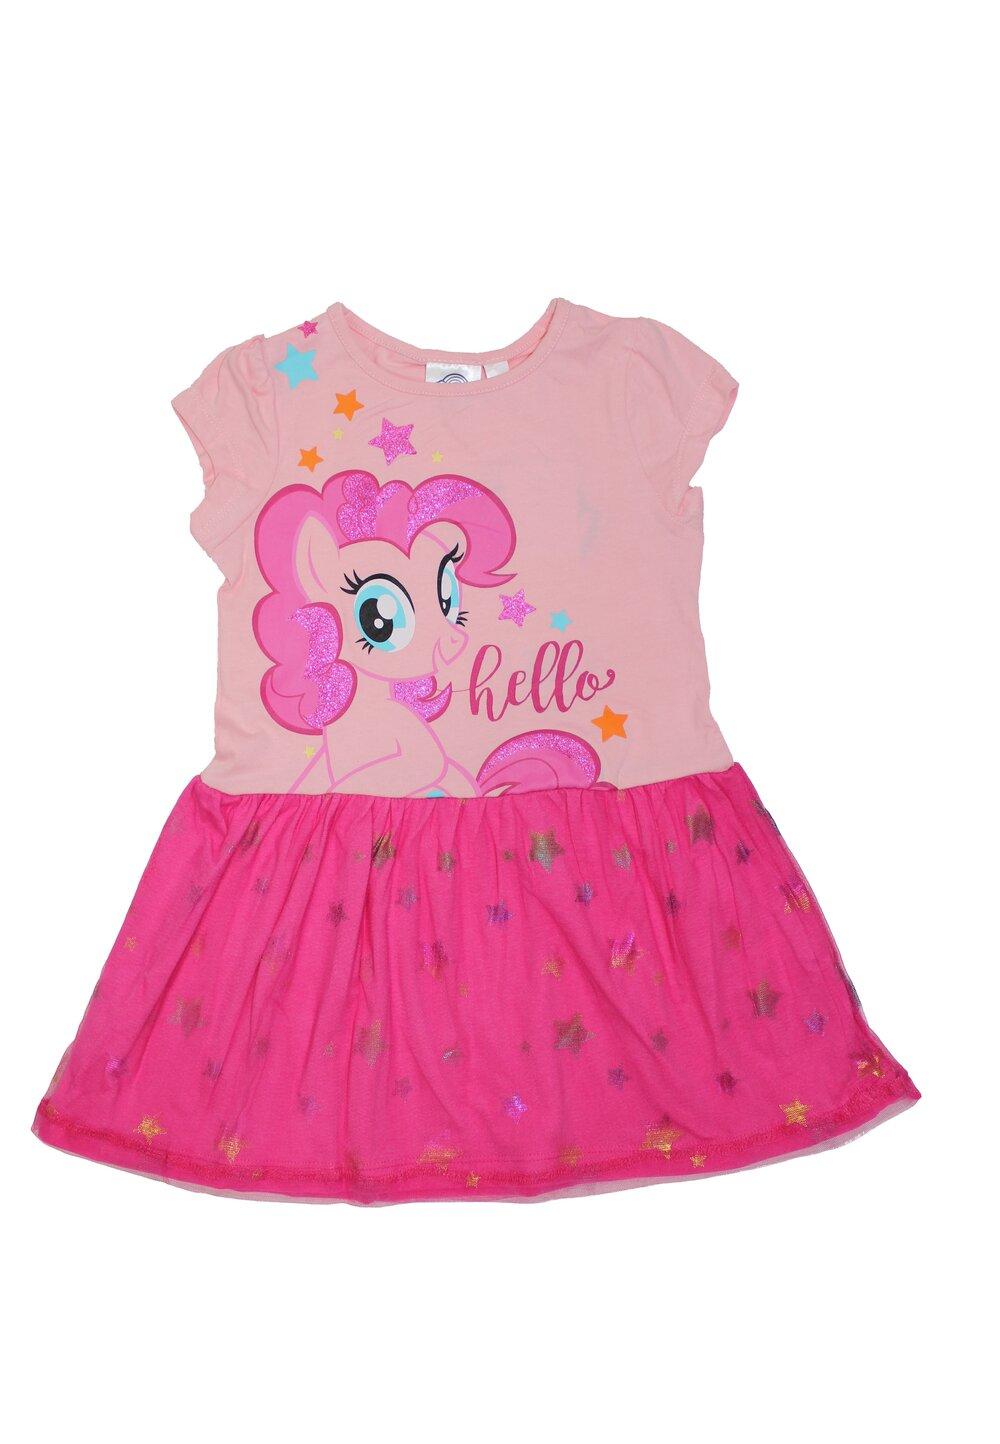 Rochie, Hello Pinkie Pie, roz